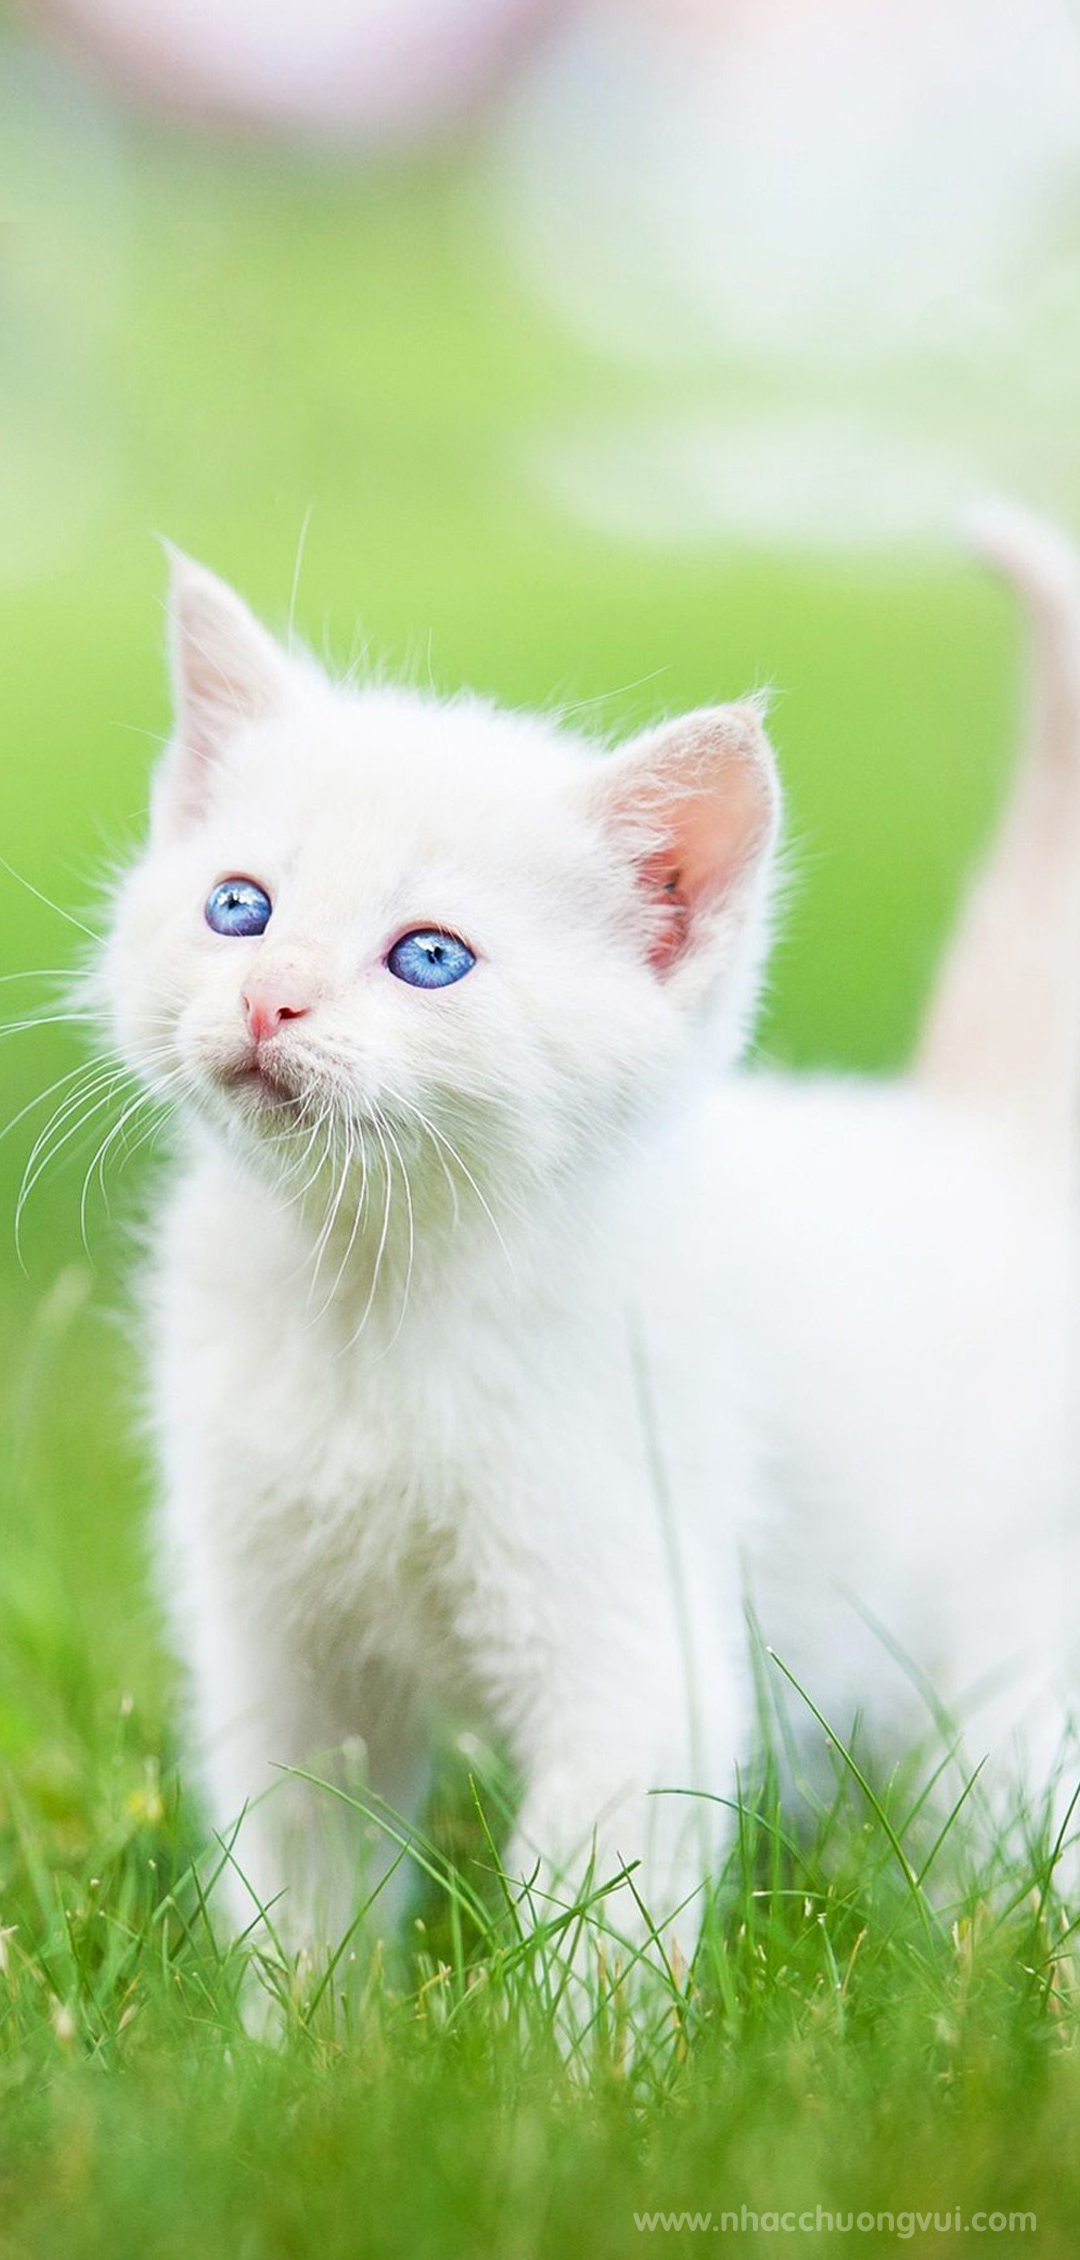 Hình nền mèo cho điện thoại dễ thương nhất 2